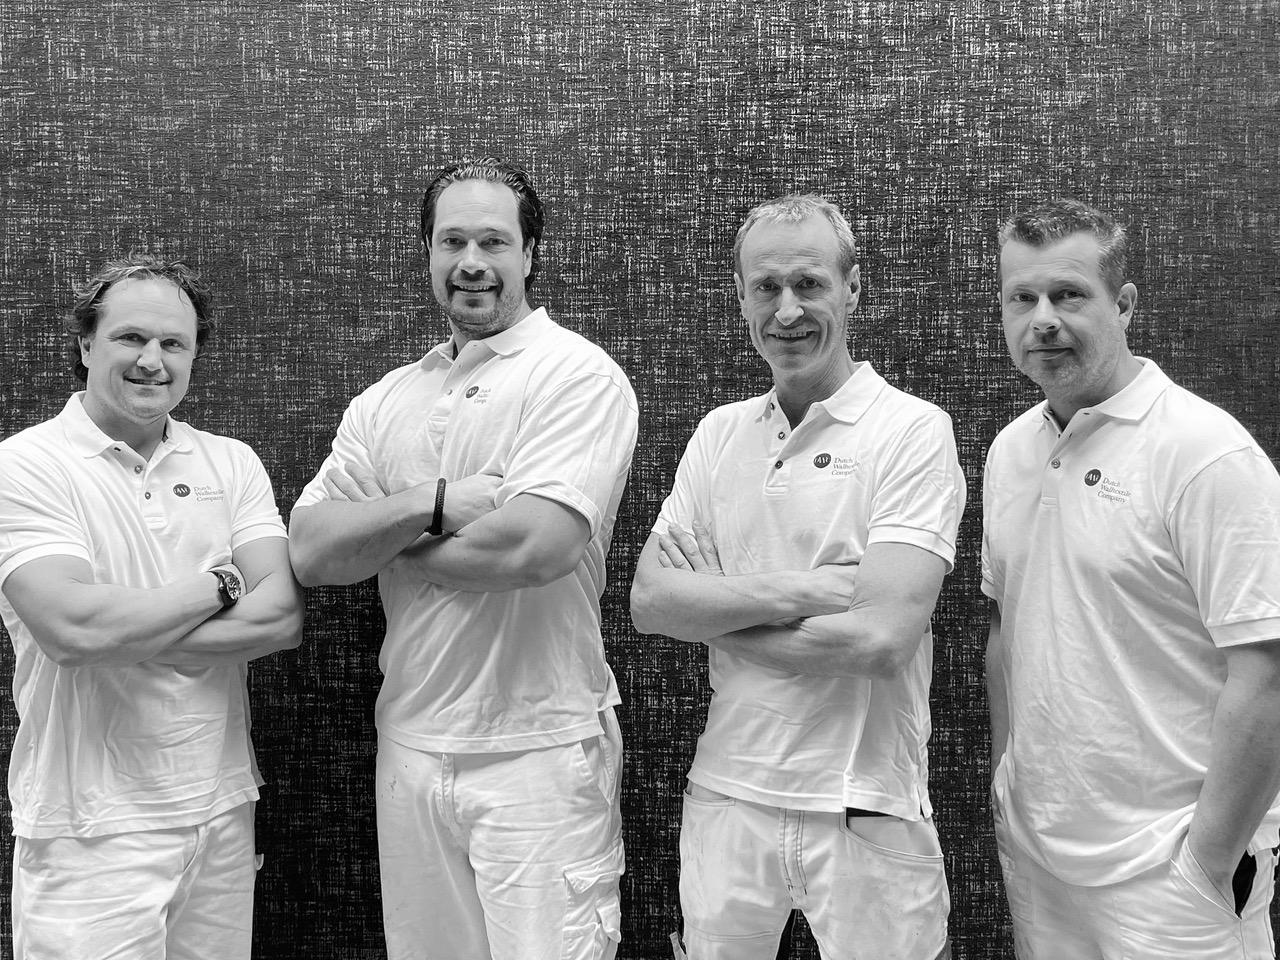 Van links naar rechts: Yuri, Tim, Chris, Marcel.